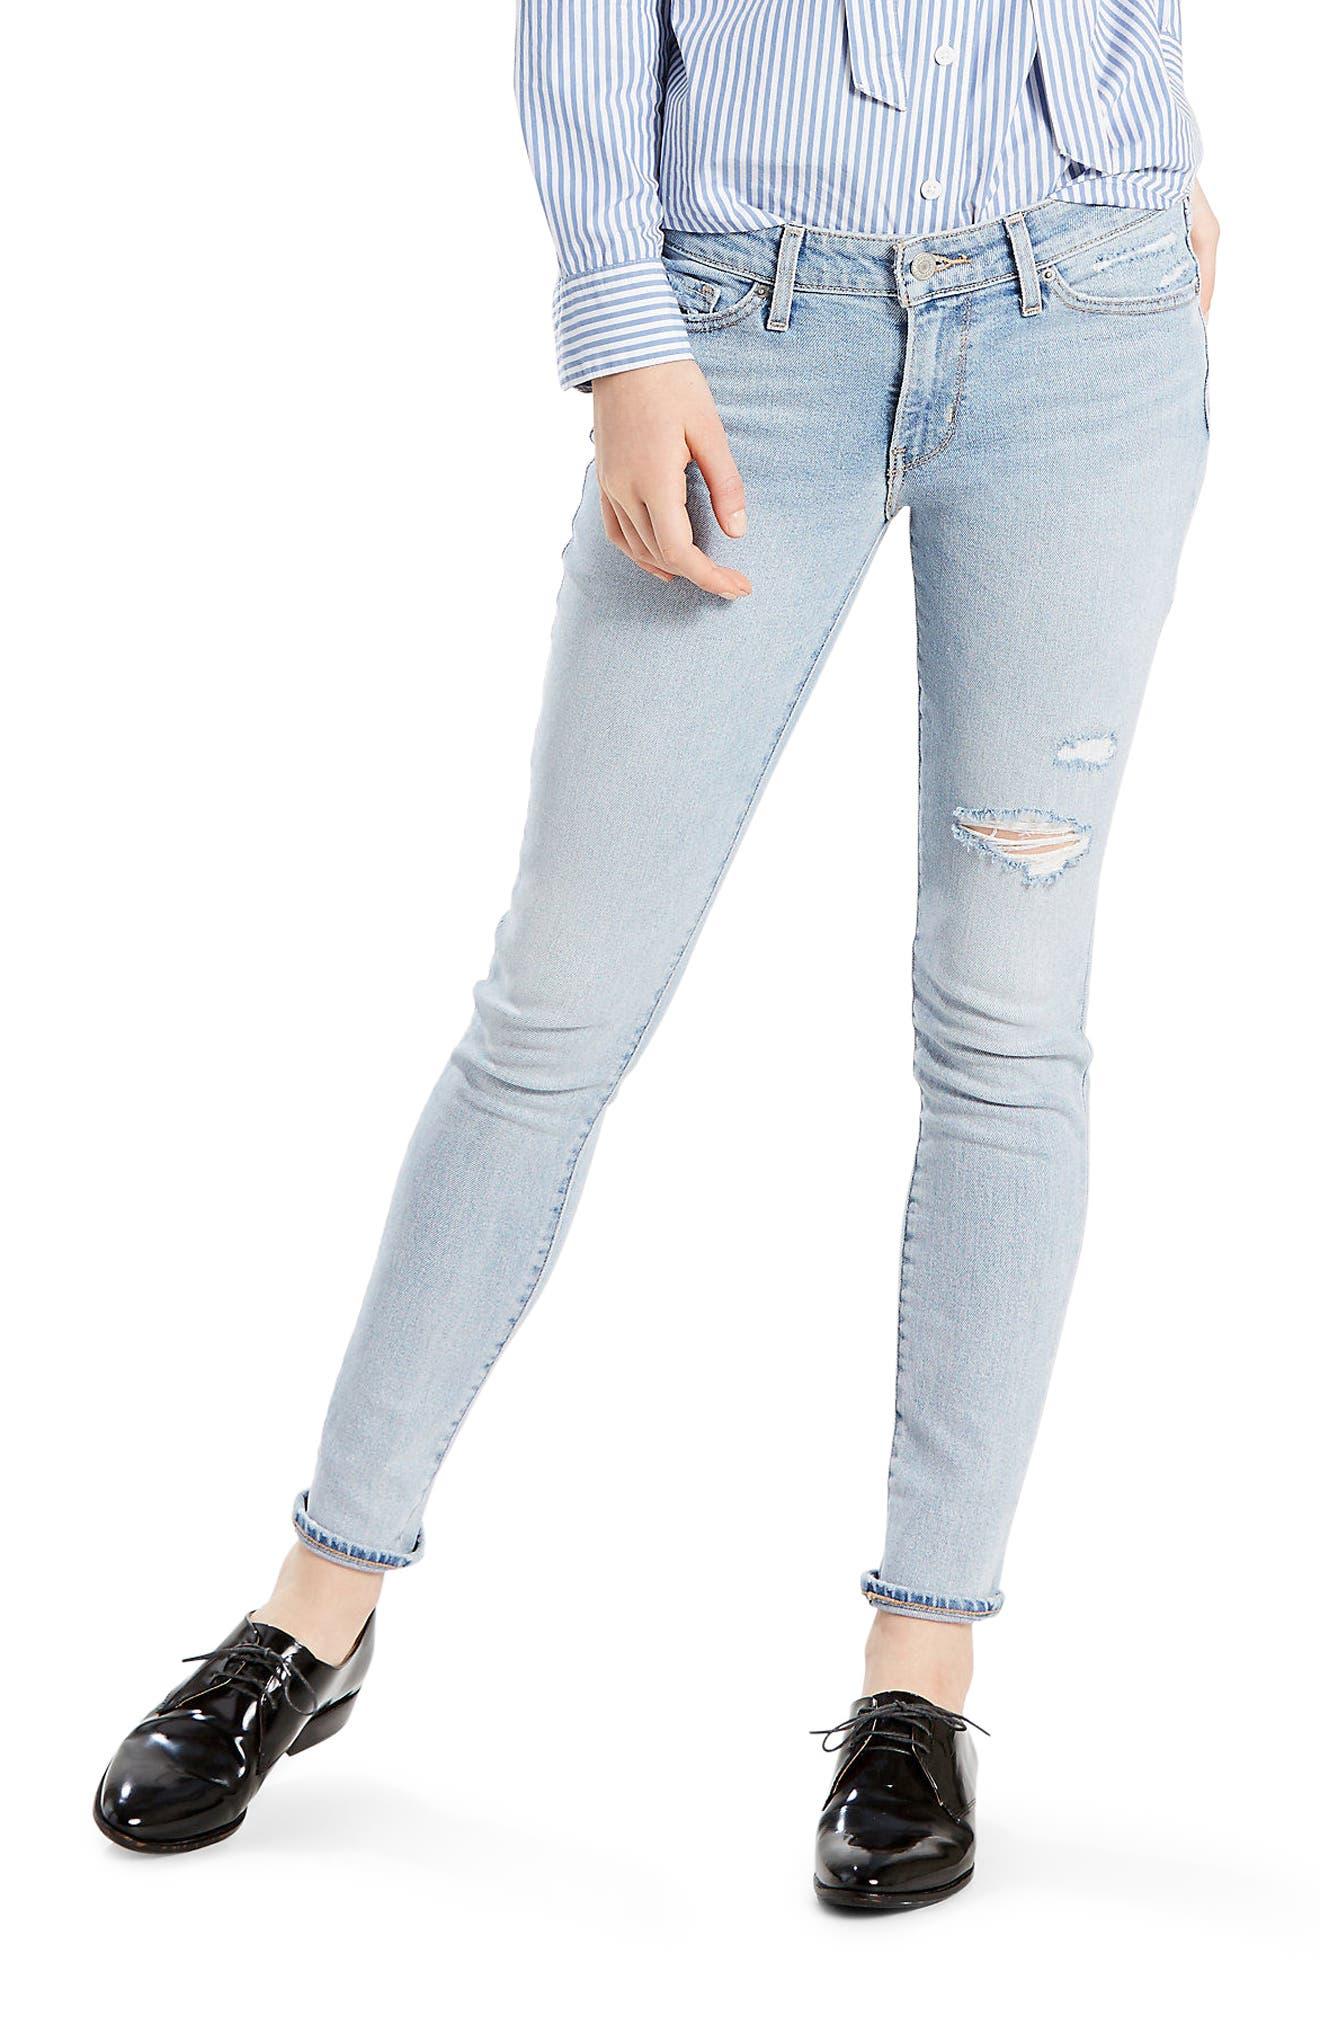 711 Skinny Jeans,                         Main,                         color, Let's Run Away